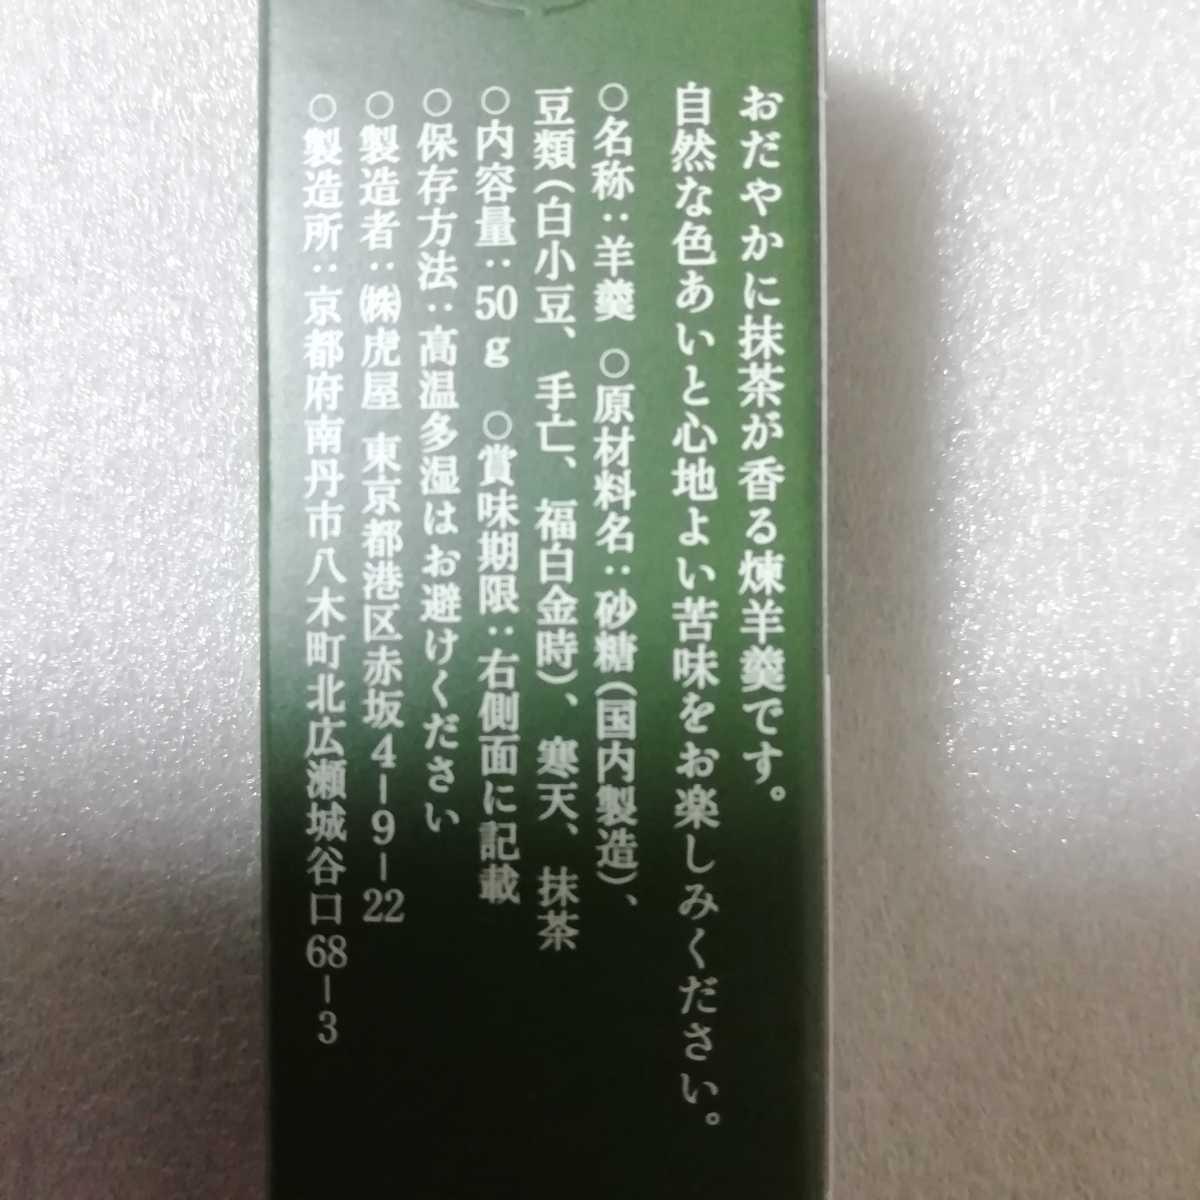 とらや 新緑 5本 化粧箱無し ようかん 羊羹 虎屋 和菓子 お菓子 詰め合わせ 小形羊羹_画像2